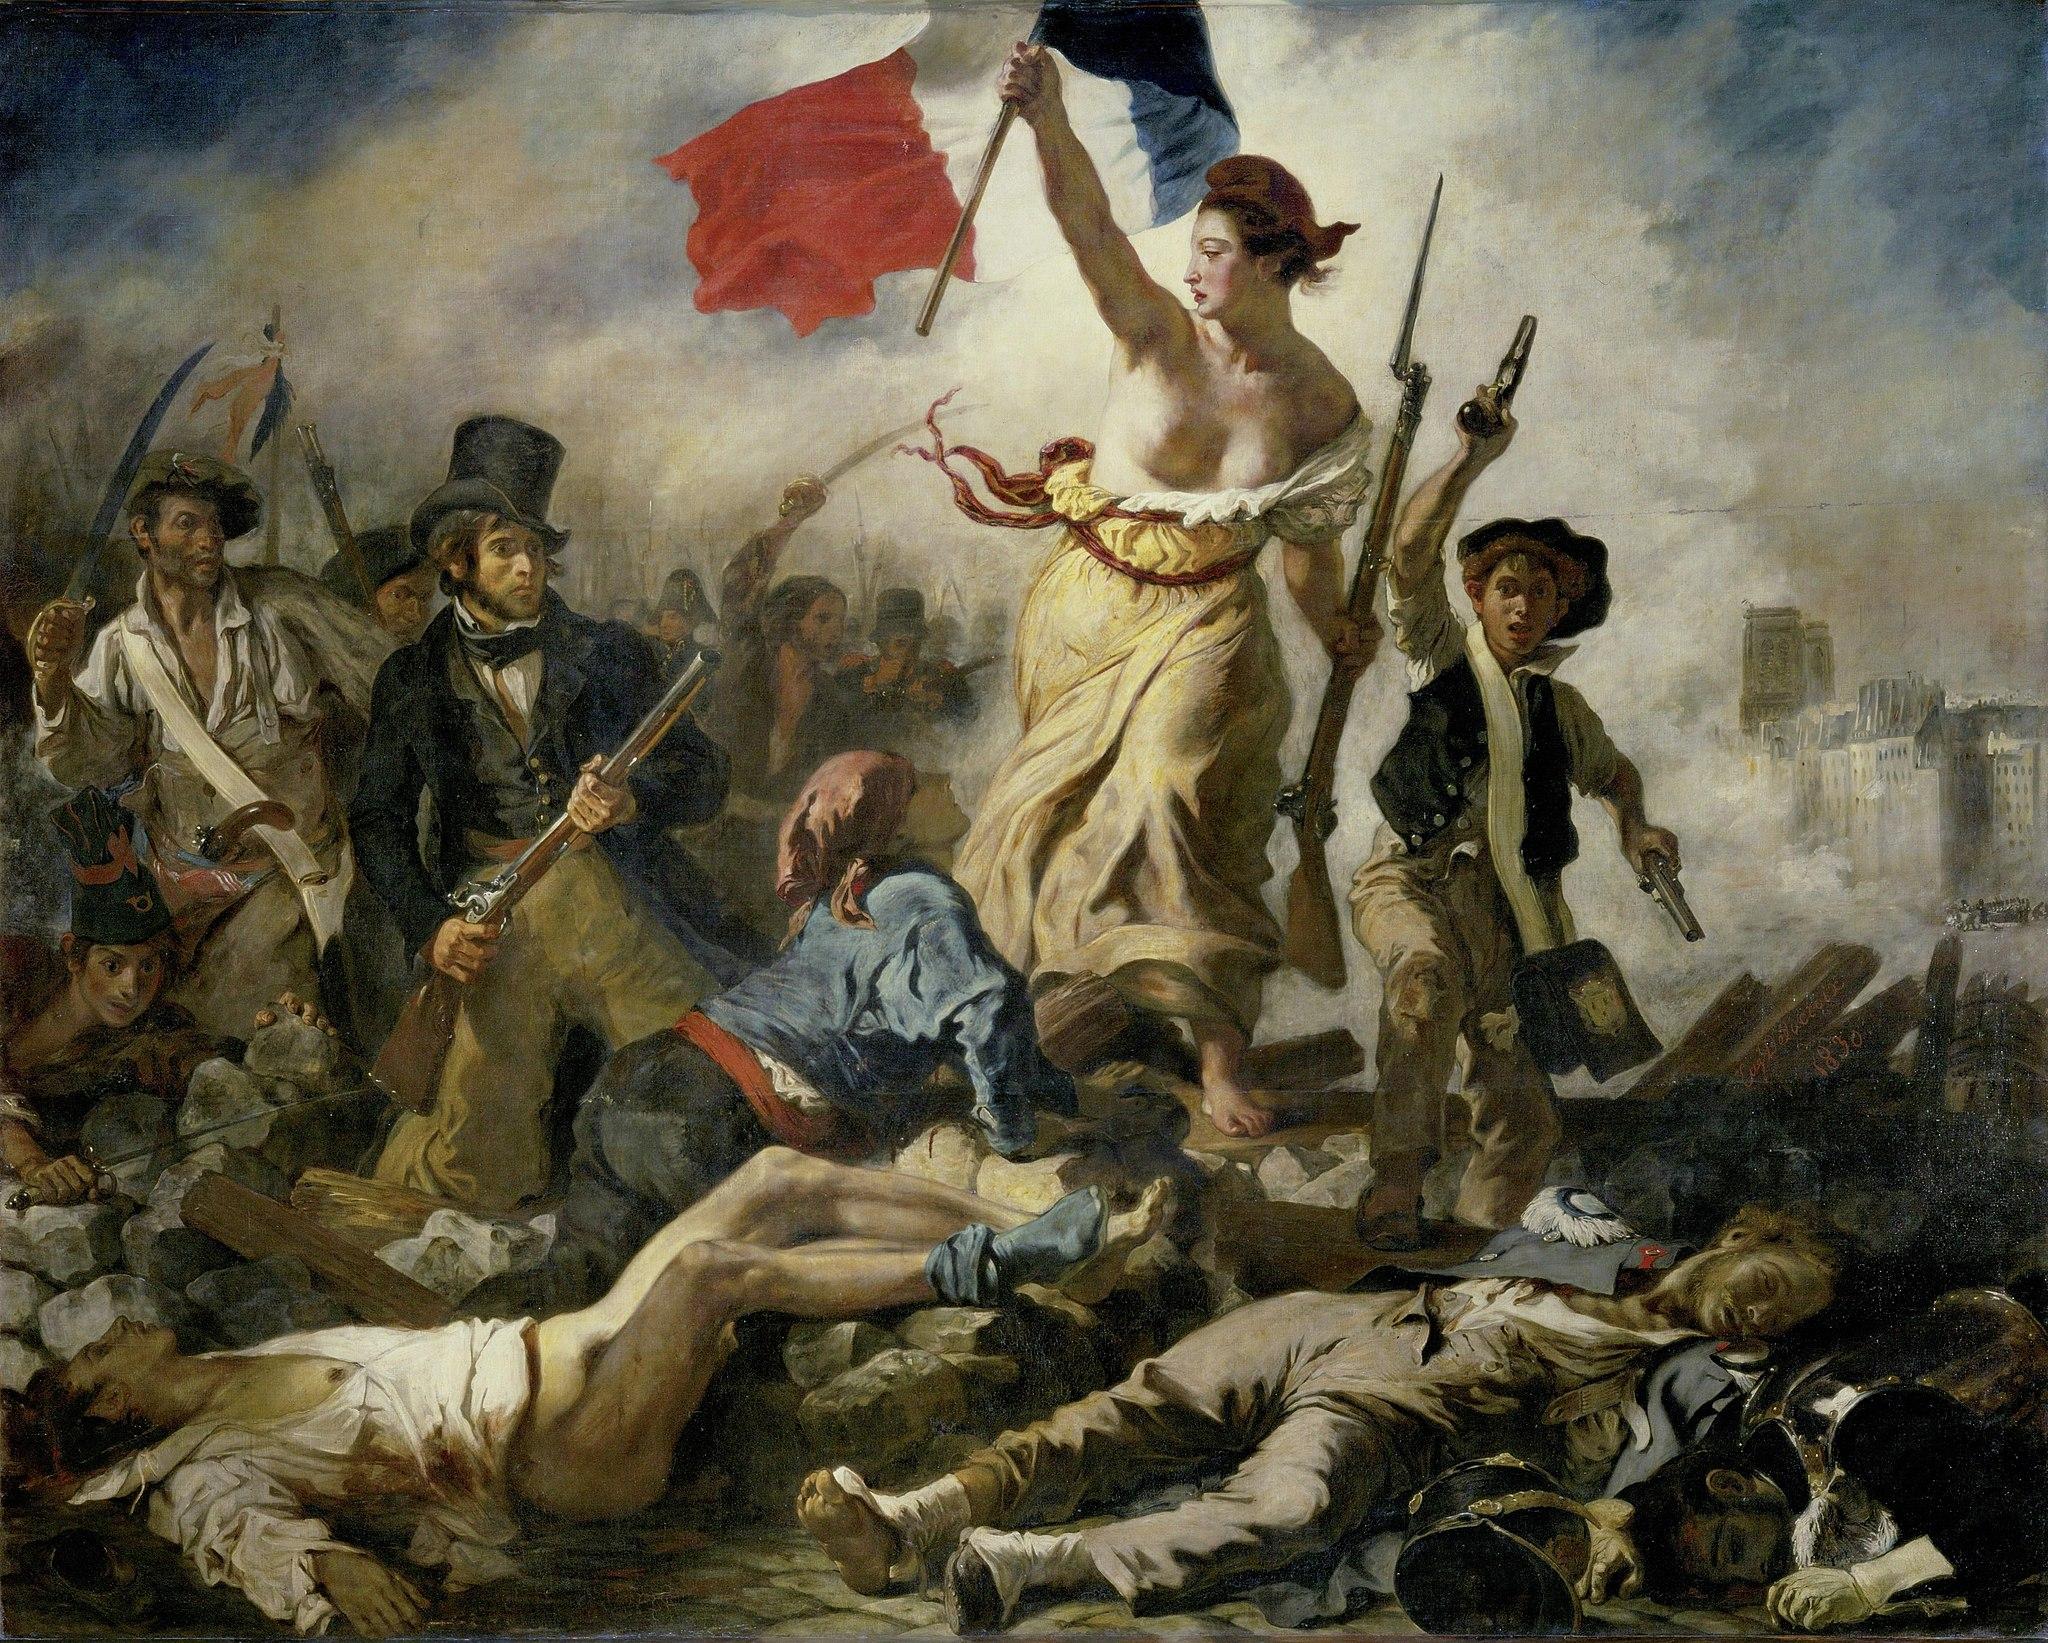 Eugène Delacroix, Le 28 juillet 1830 : la Liberté guidant le peuple, 1830, Musée du Louvre